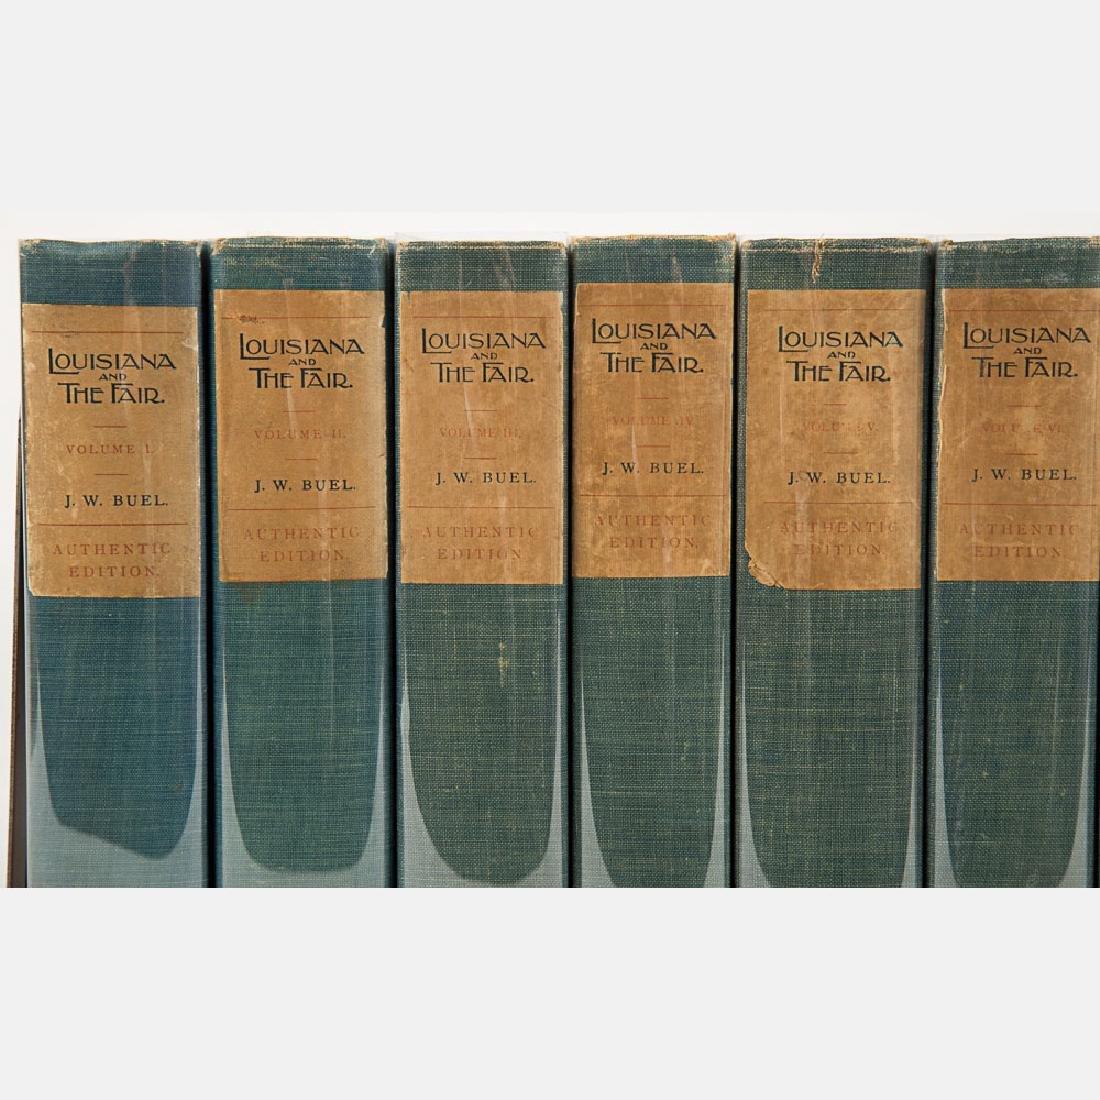 Buel, J.W. (1849-1920). ed. Louisiana and the Fair: An - 2